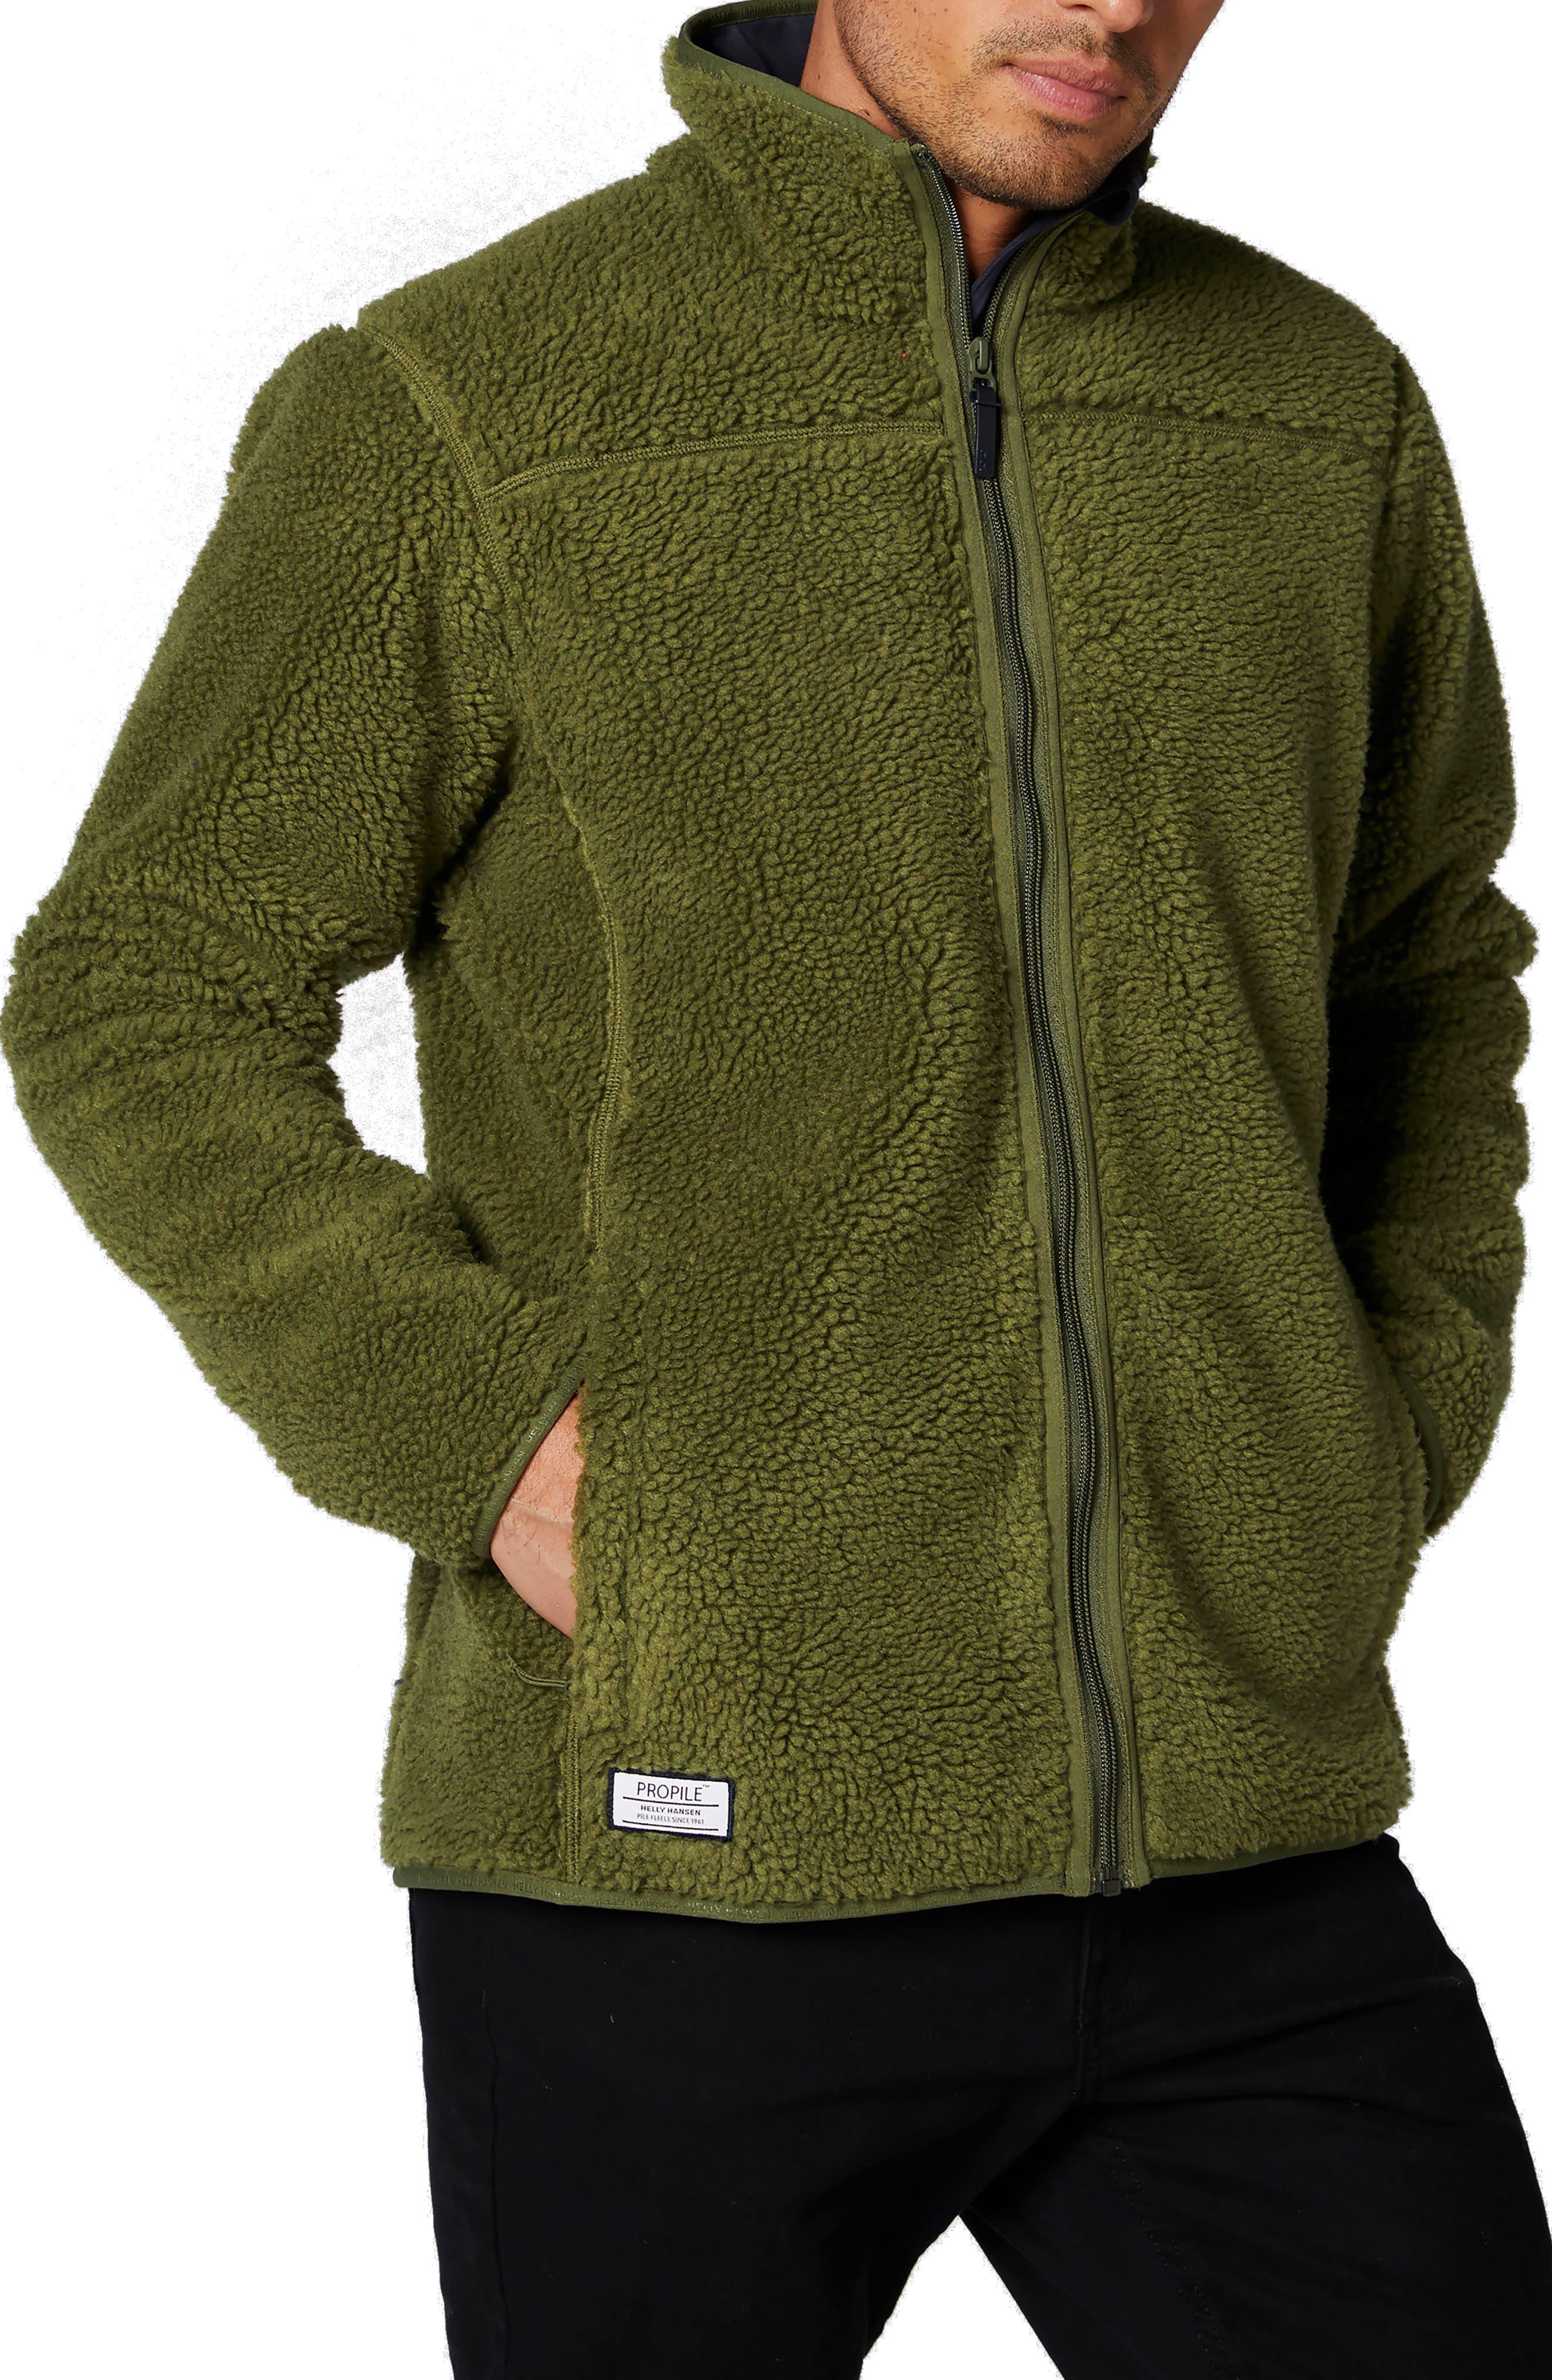 September Propile Jacket,                         Main,                         color, IVY GREEN